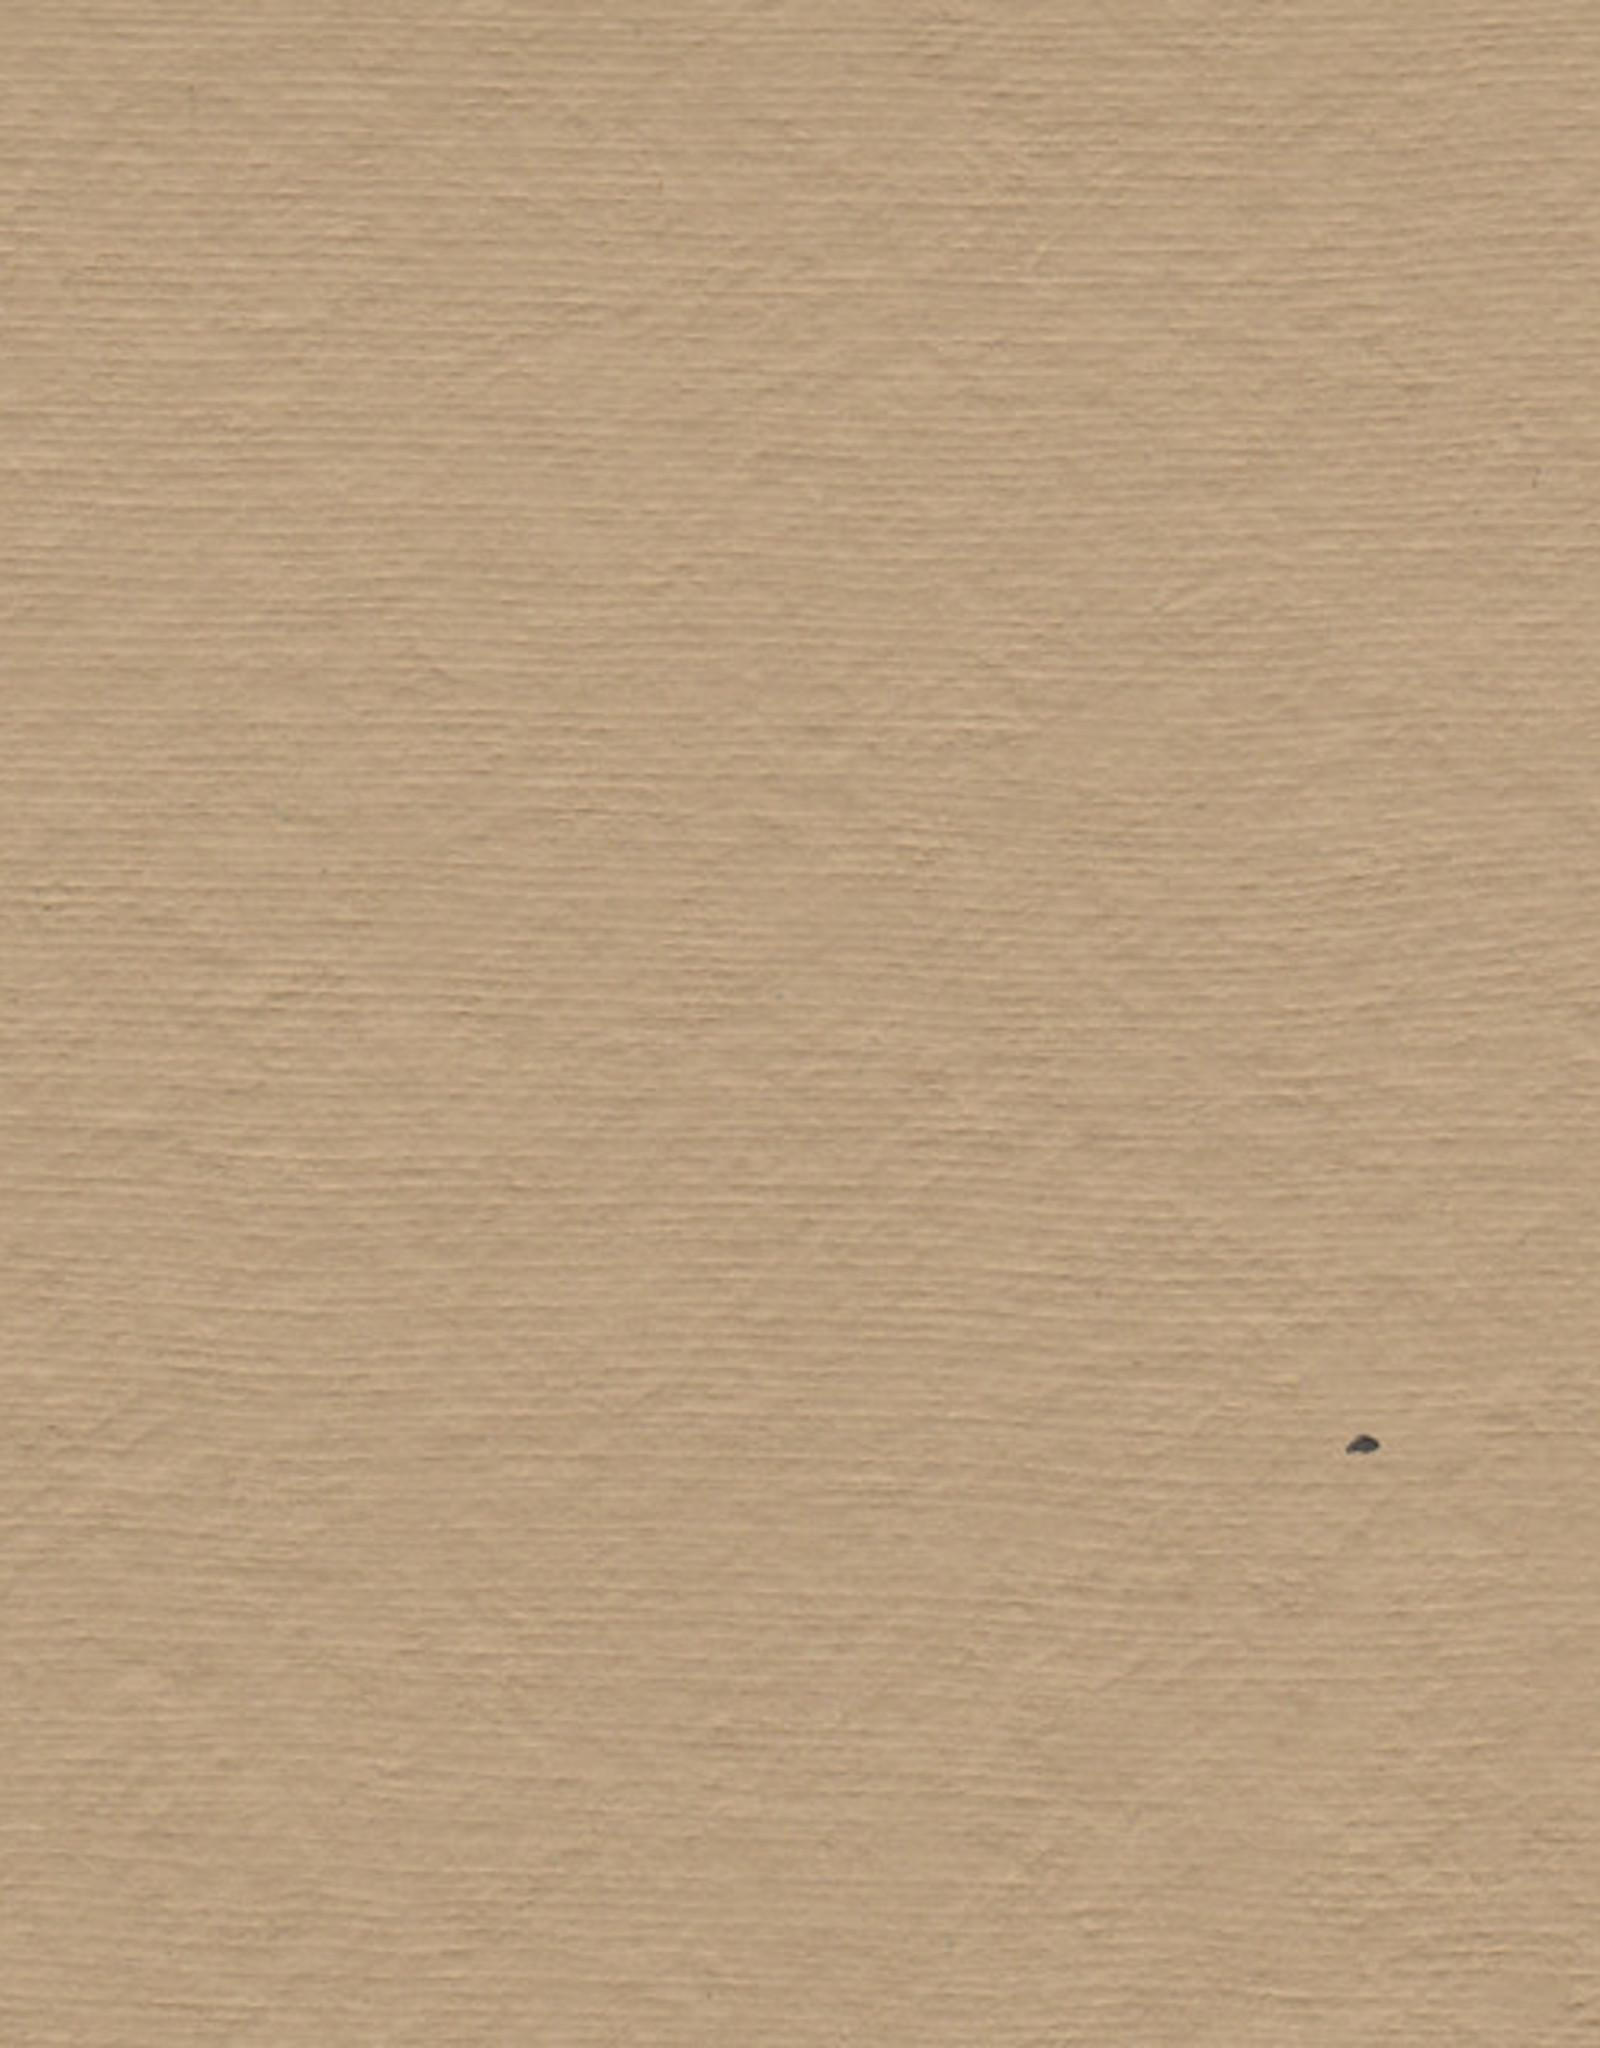 """Pastel Paper Tan, 8 1/2"""" x 11"""", 25 Sheets"""